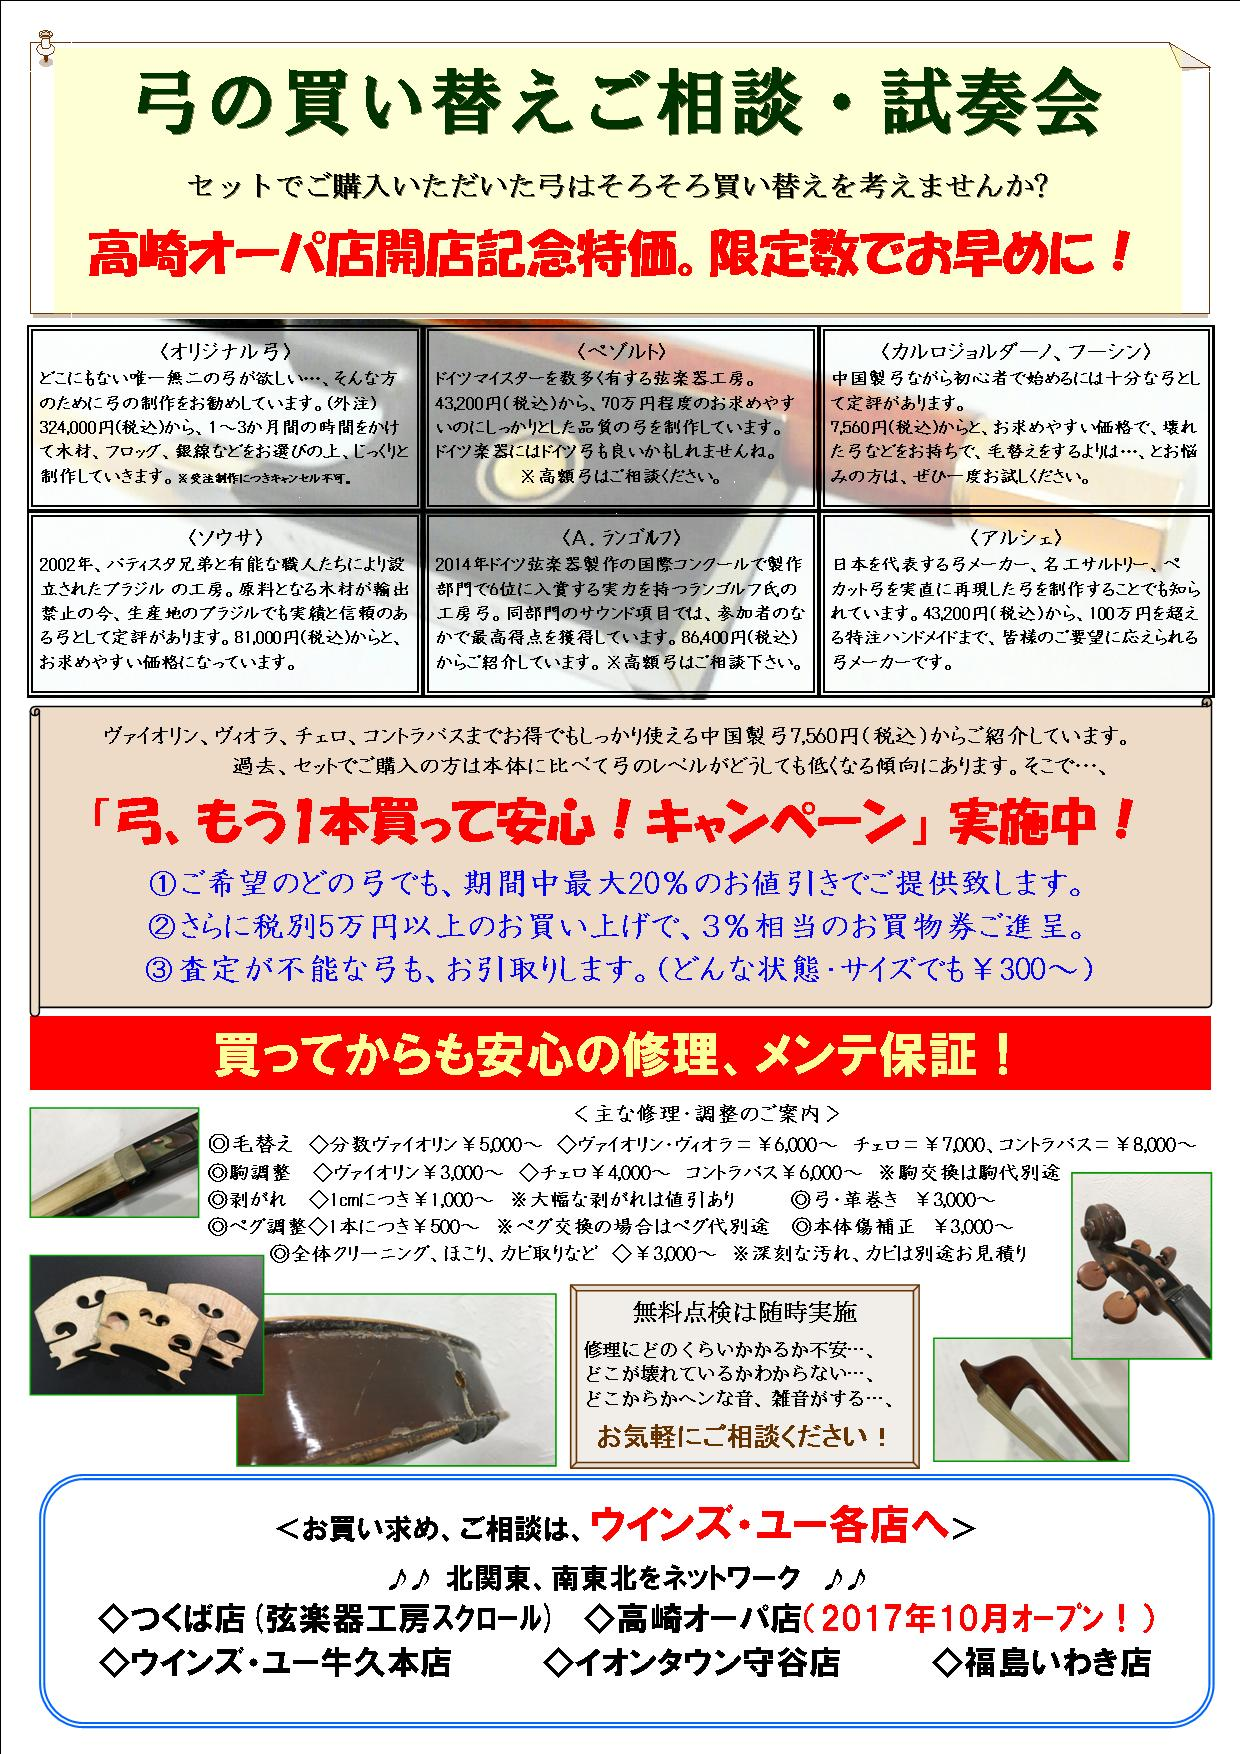 弦フェアー2017秋(裏)